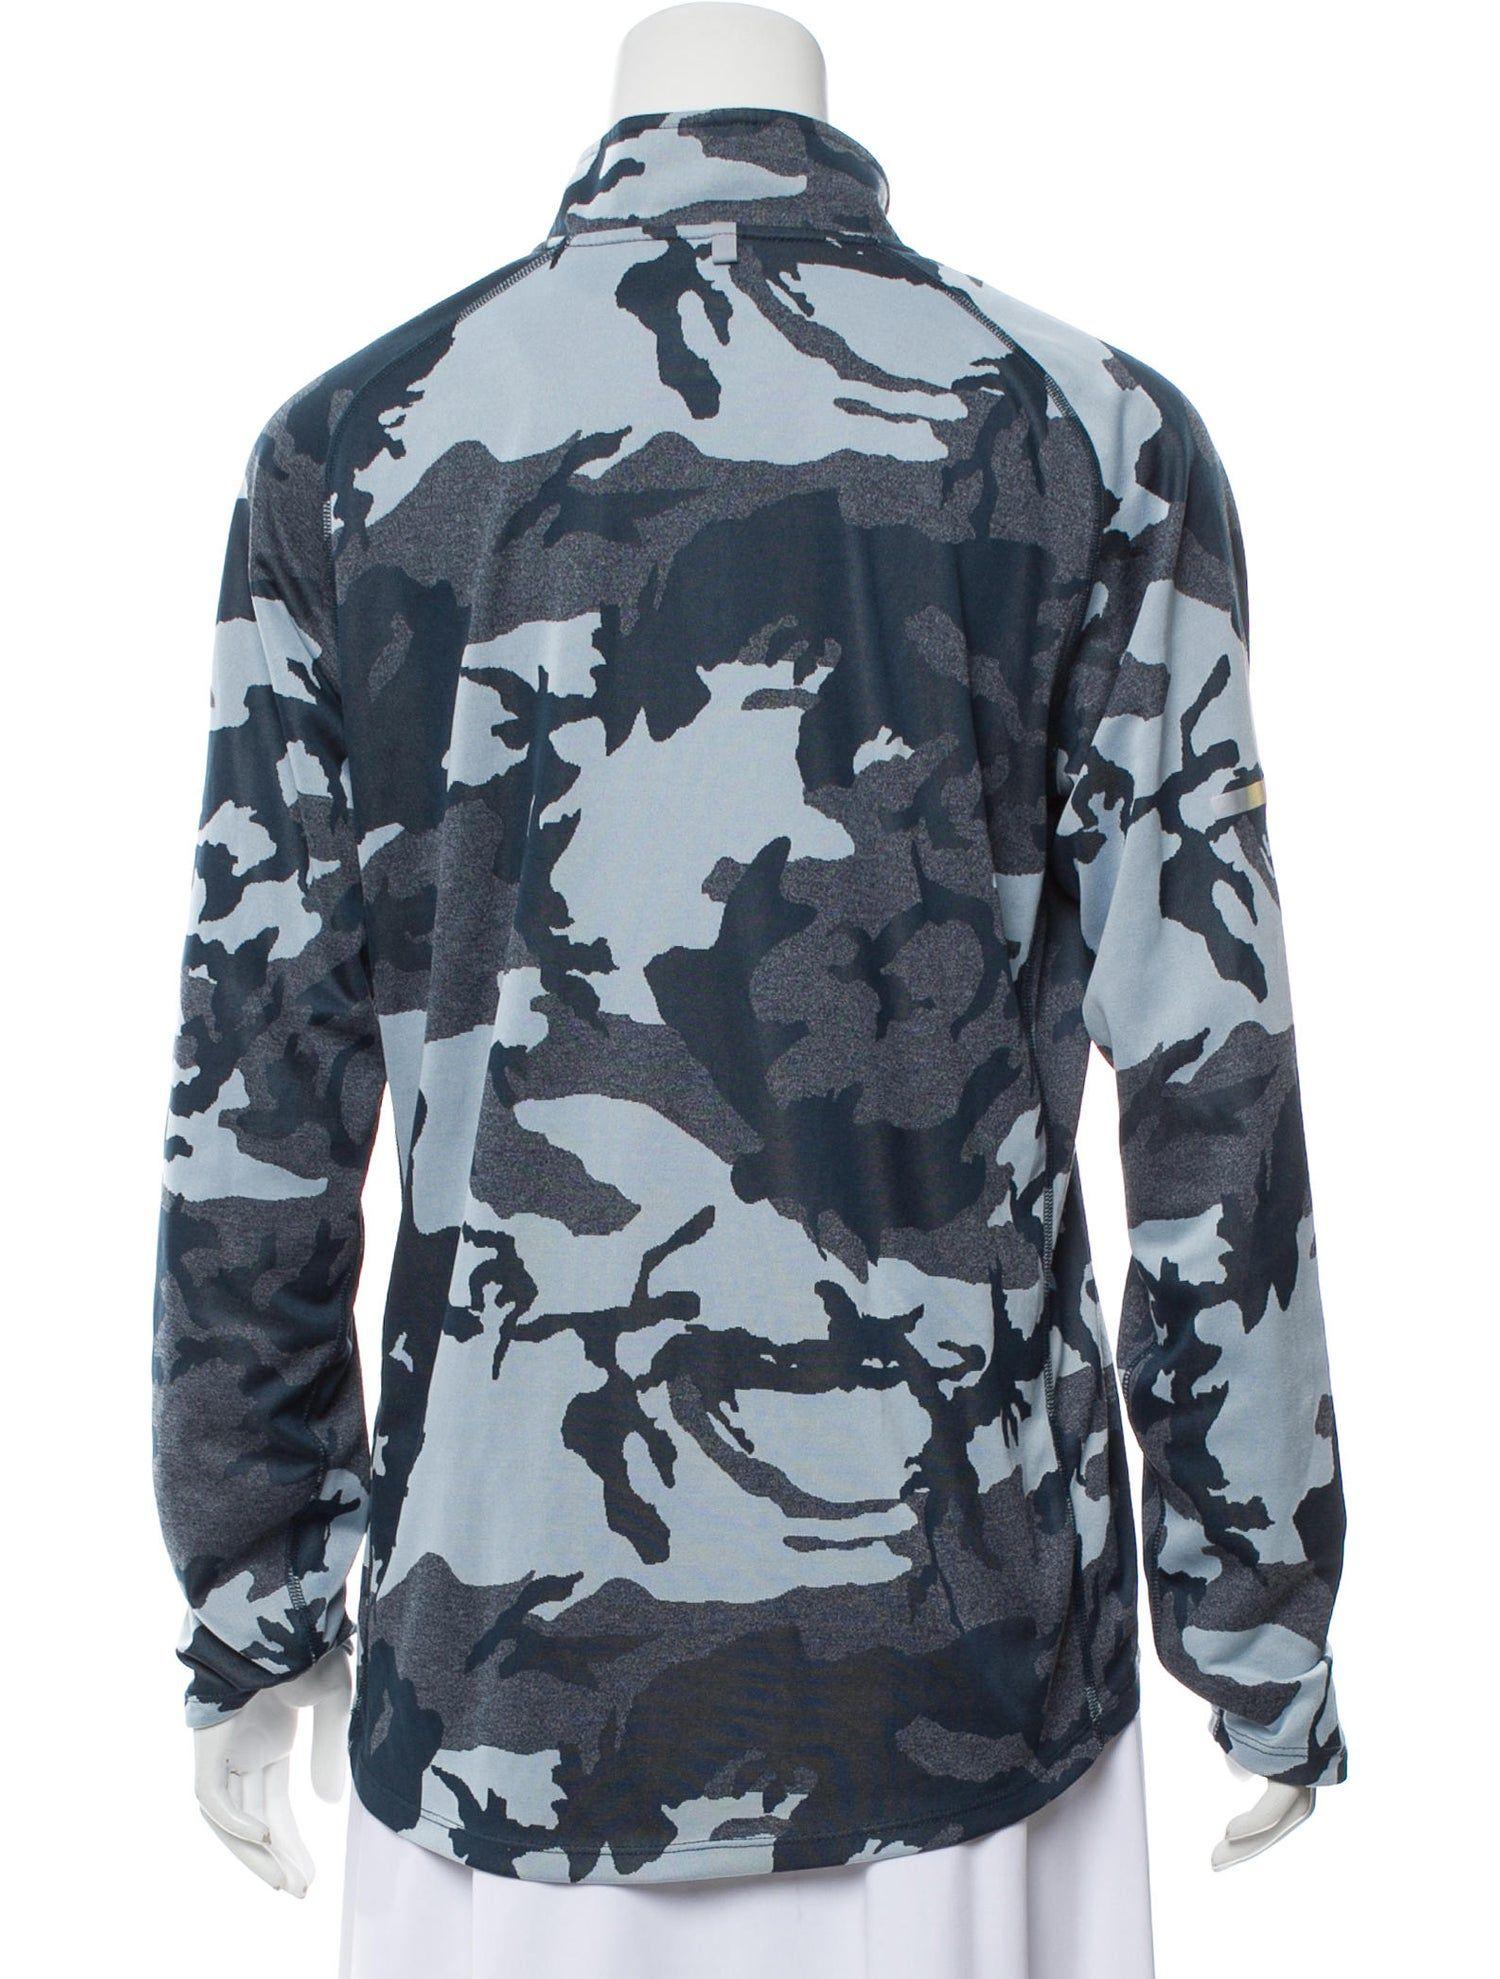 Printed Long Sleeve Top Running shirts, Mens running